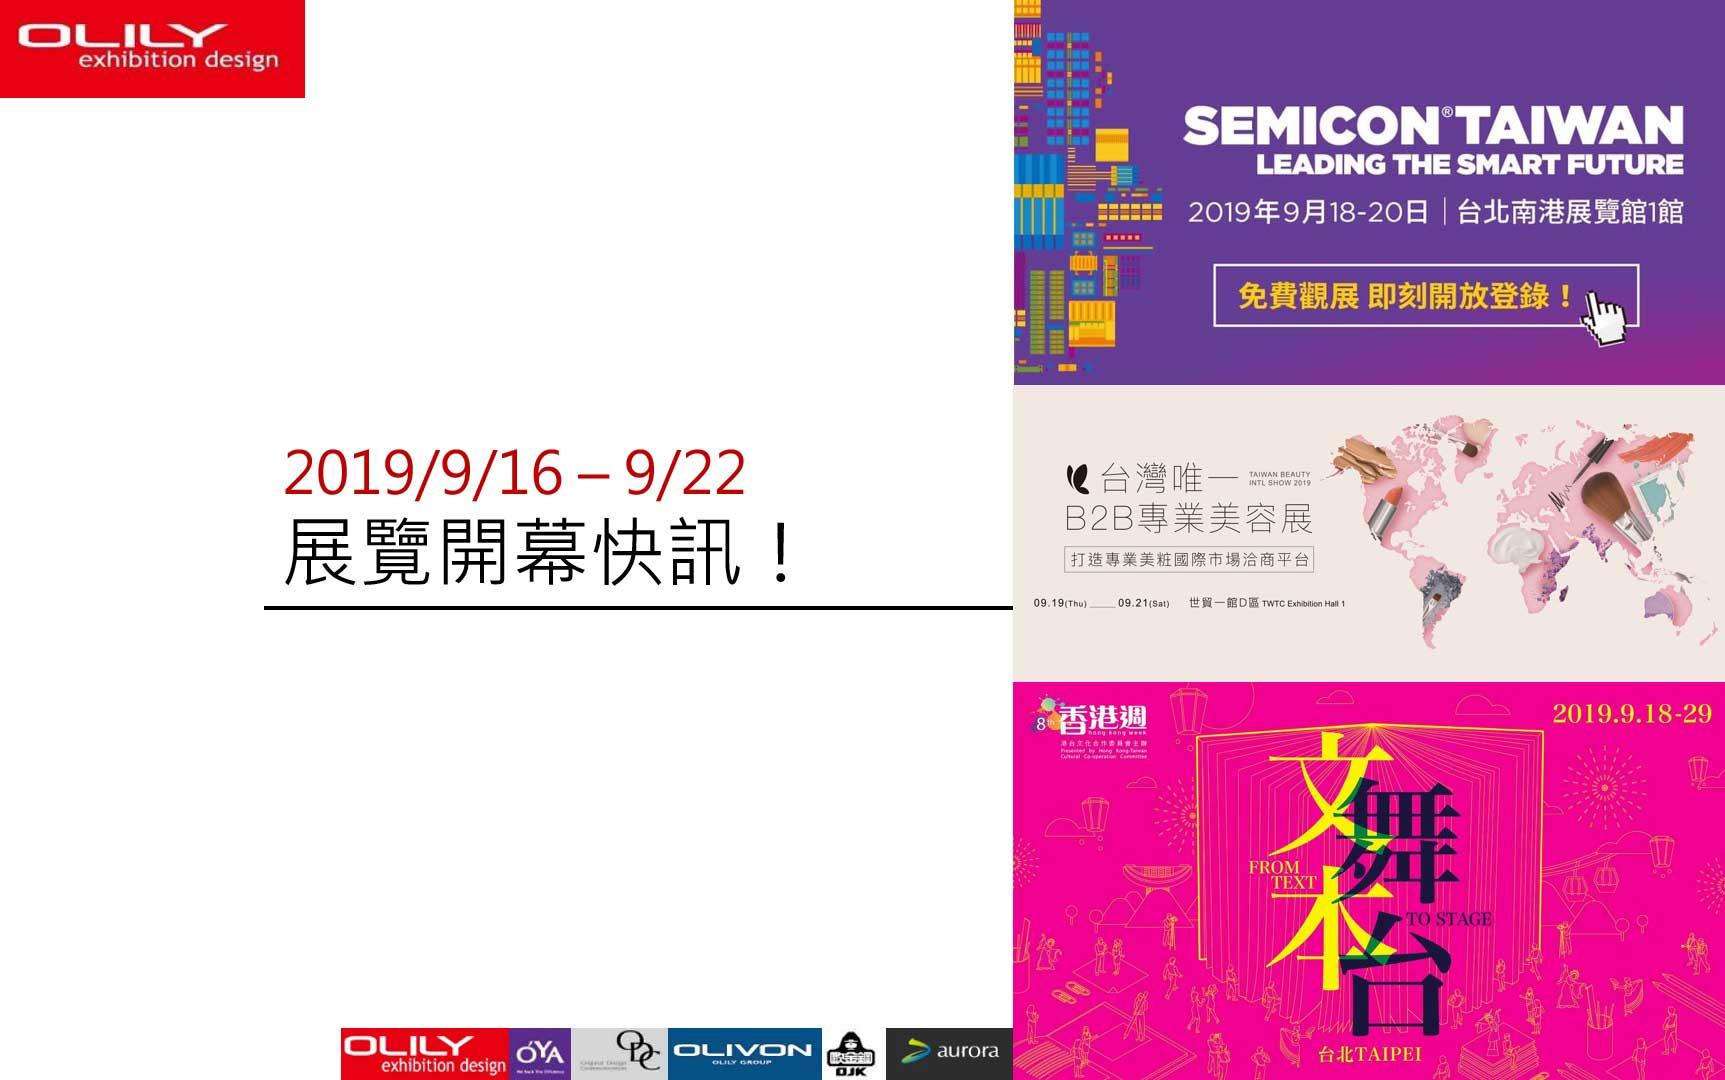 歐立利 展覽設計推薦 - 2019展覽資訊